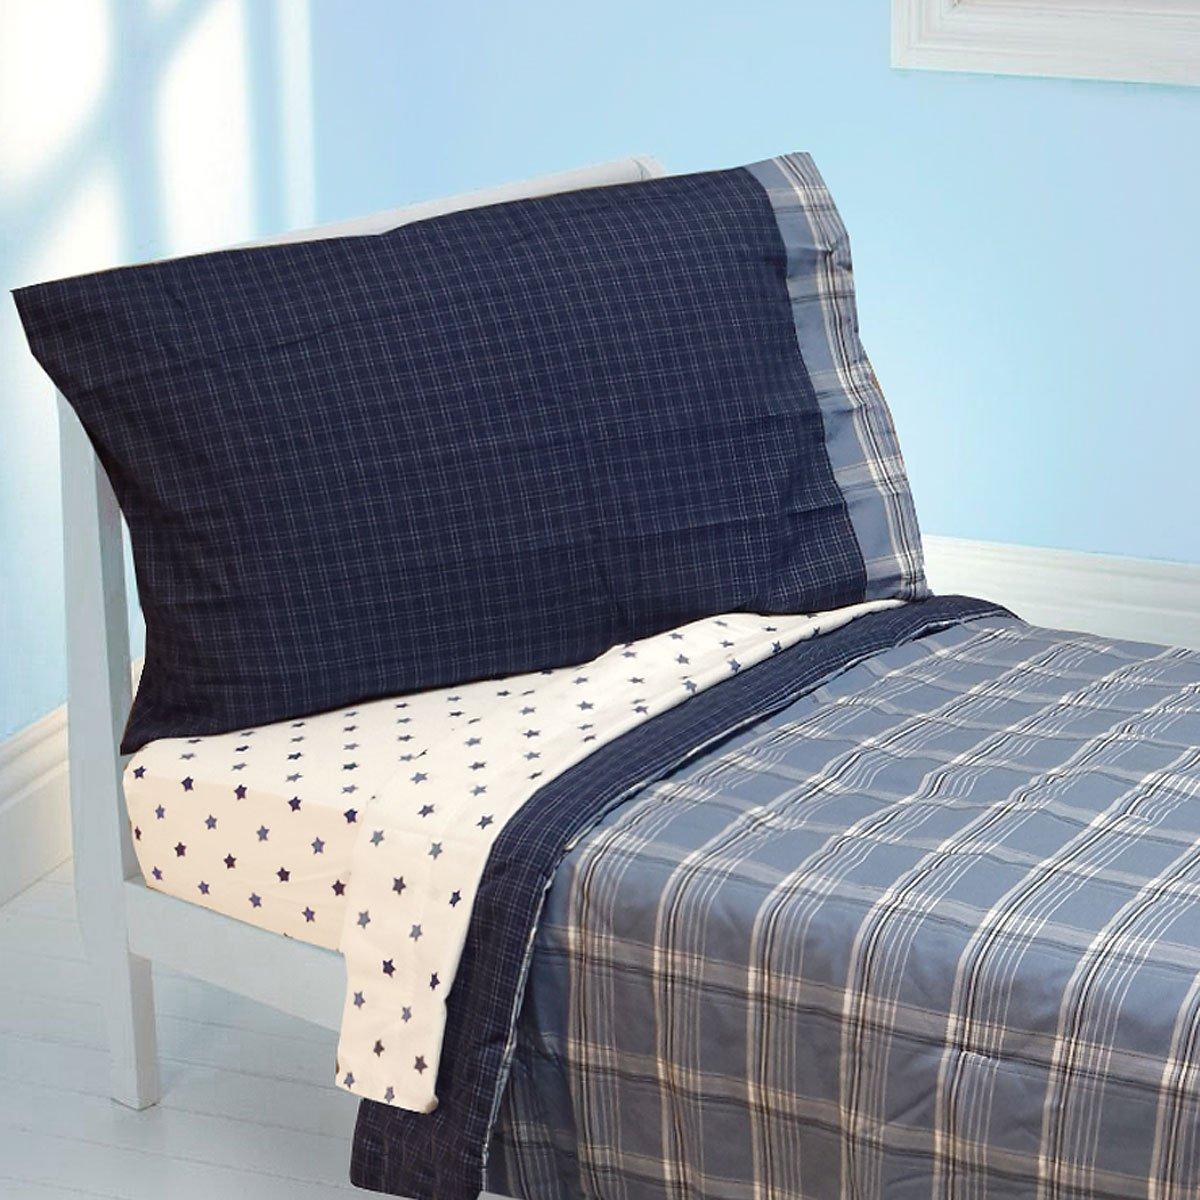 Westport 4 Piece Toddler Bedding Set